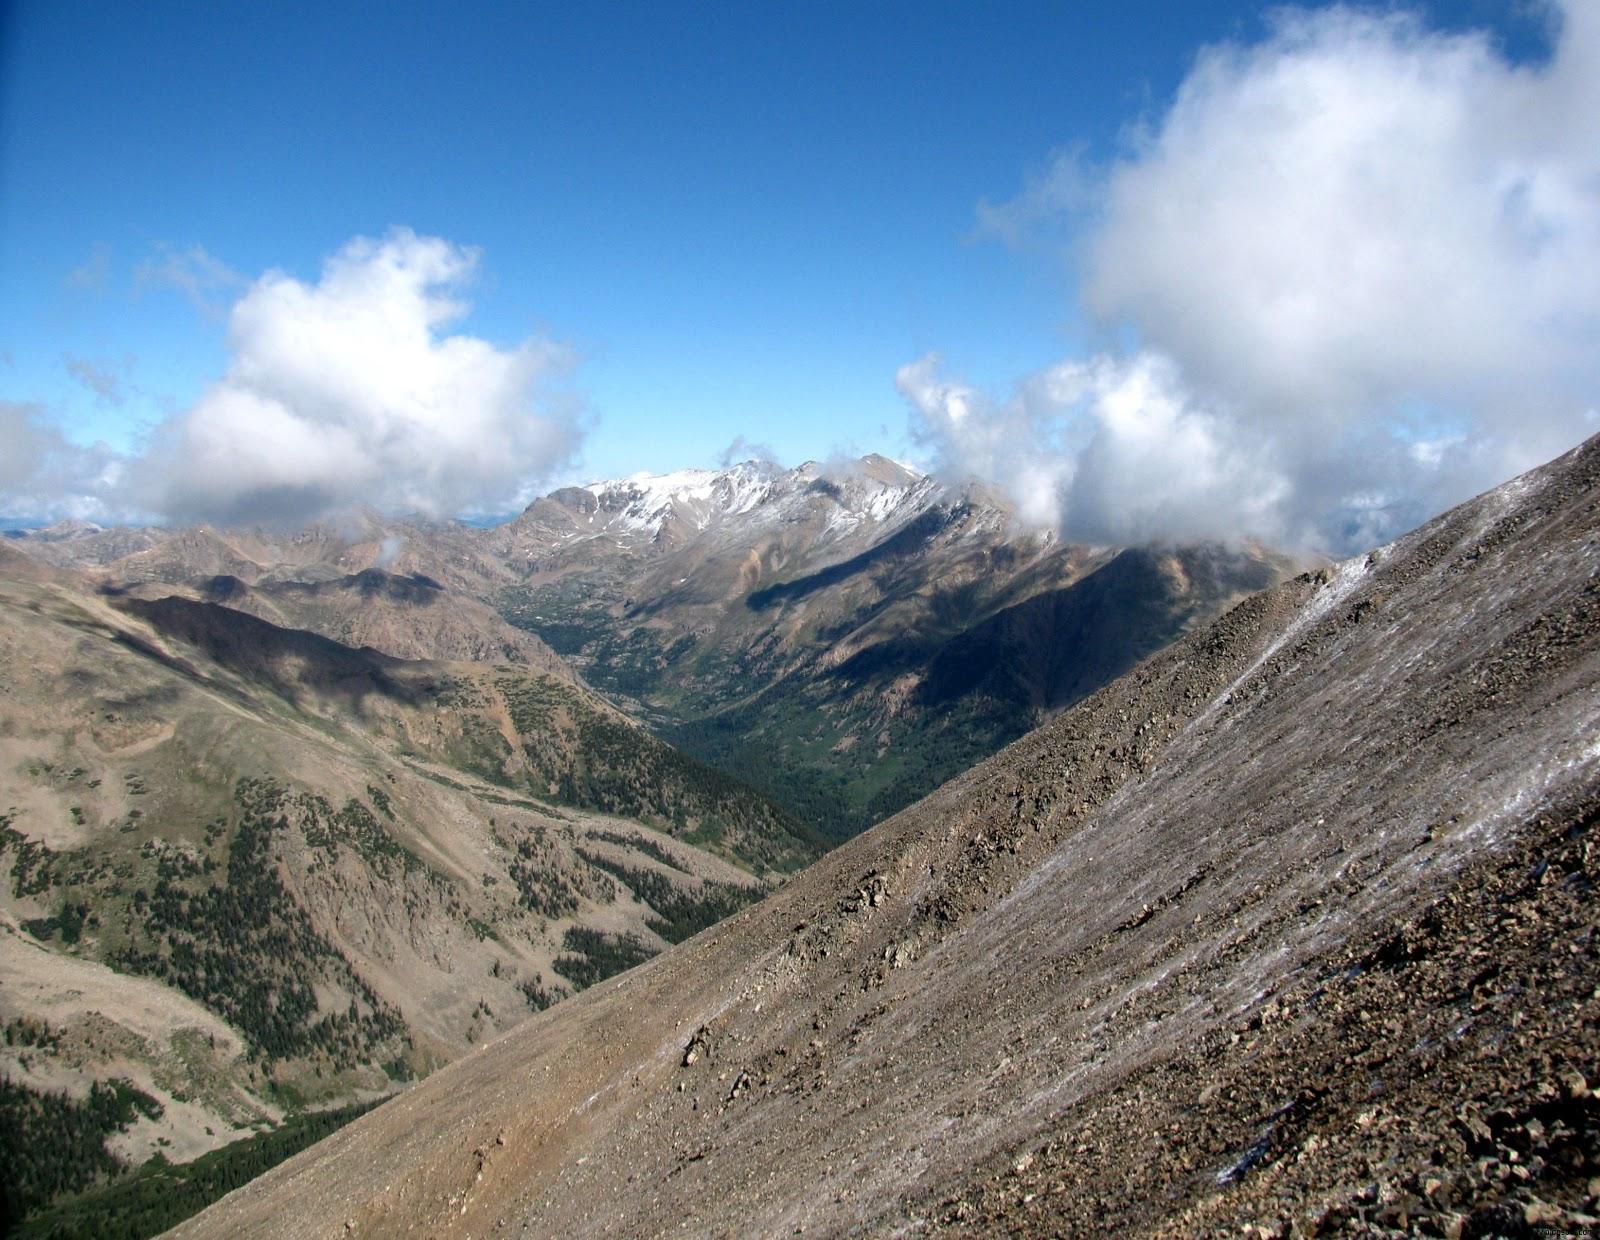 Mount Massive  Photos Diagrams amp Topos  SummitPost